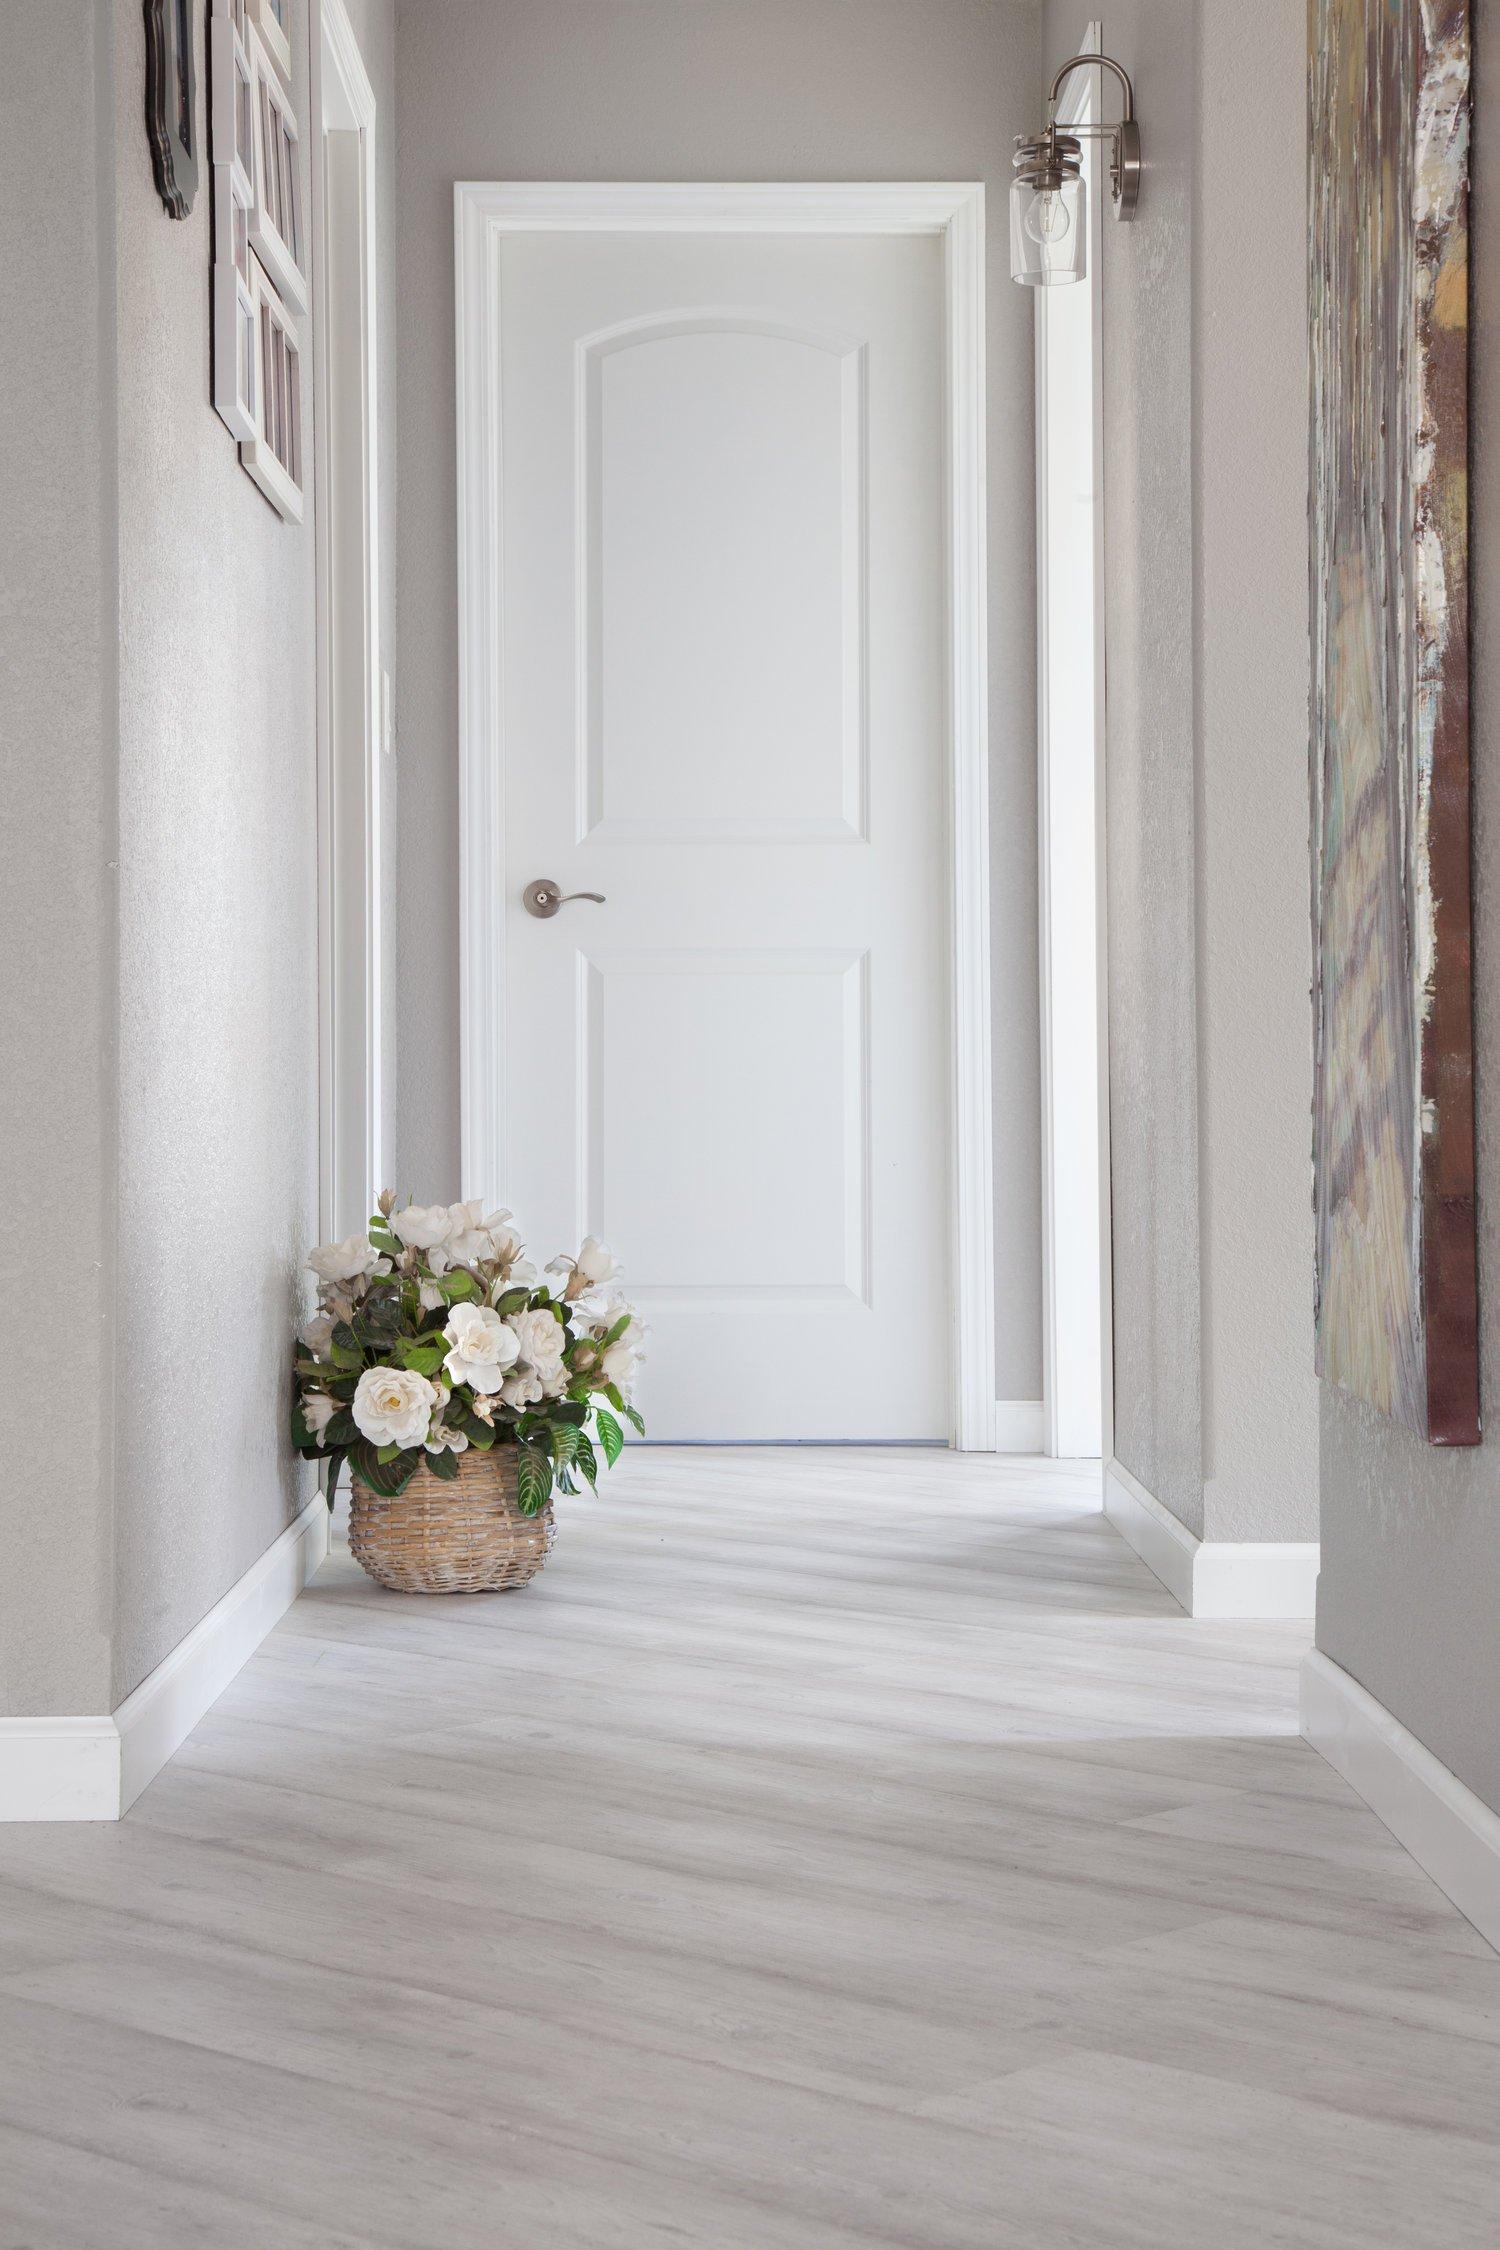 Lighten Up Textured Transitionalist Interior Design Project by Ellie Ann's, Bottineau ND